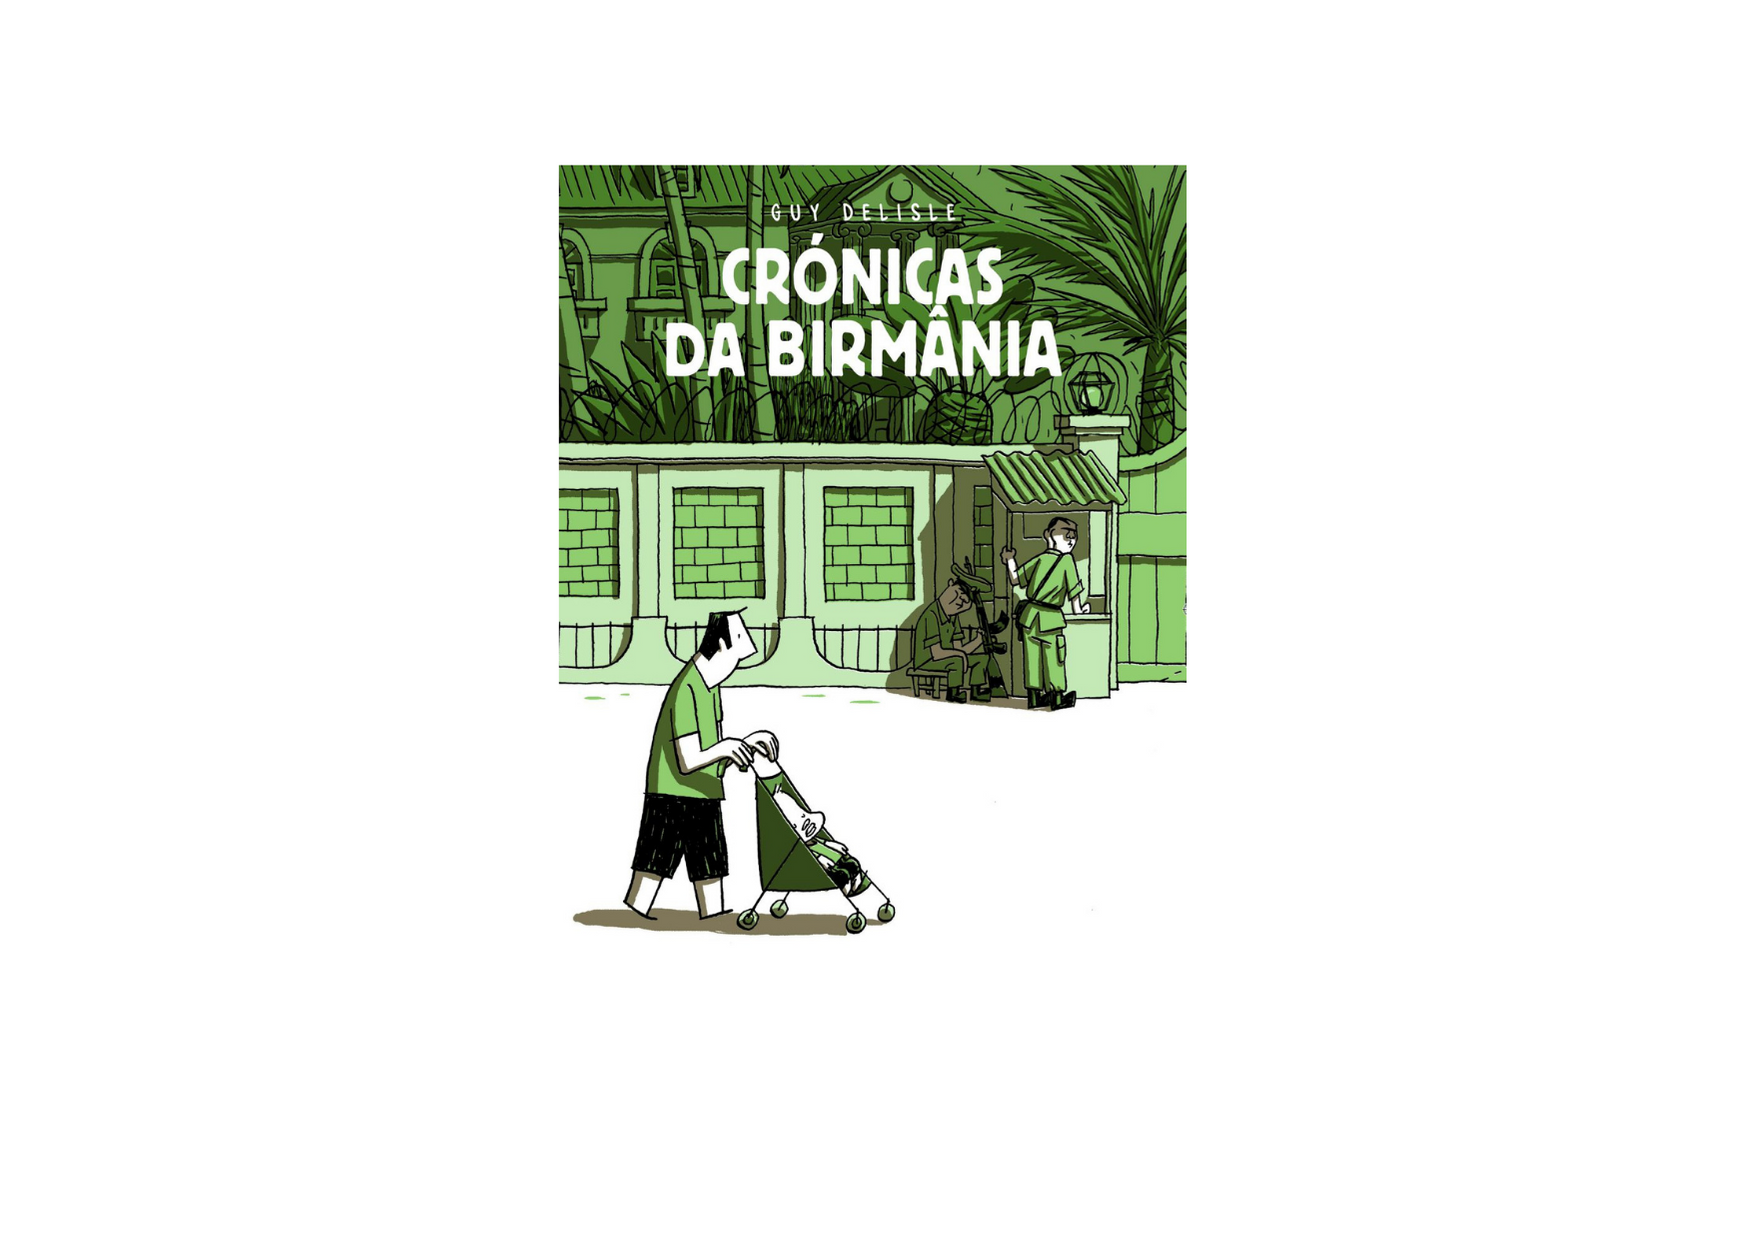 Crónicas da Birmânia